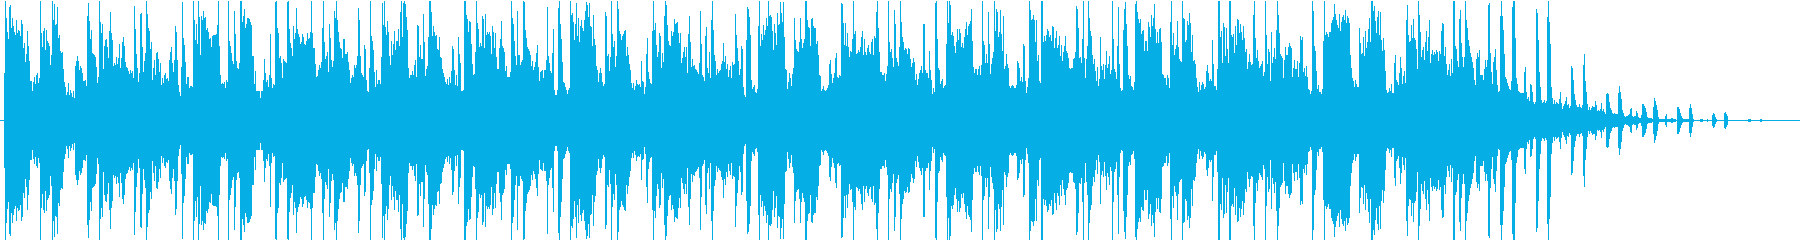 シーケンス 未定ベース01の再生済みの波形